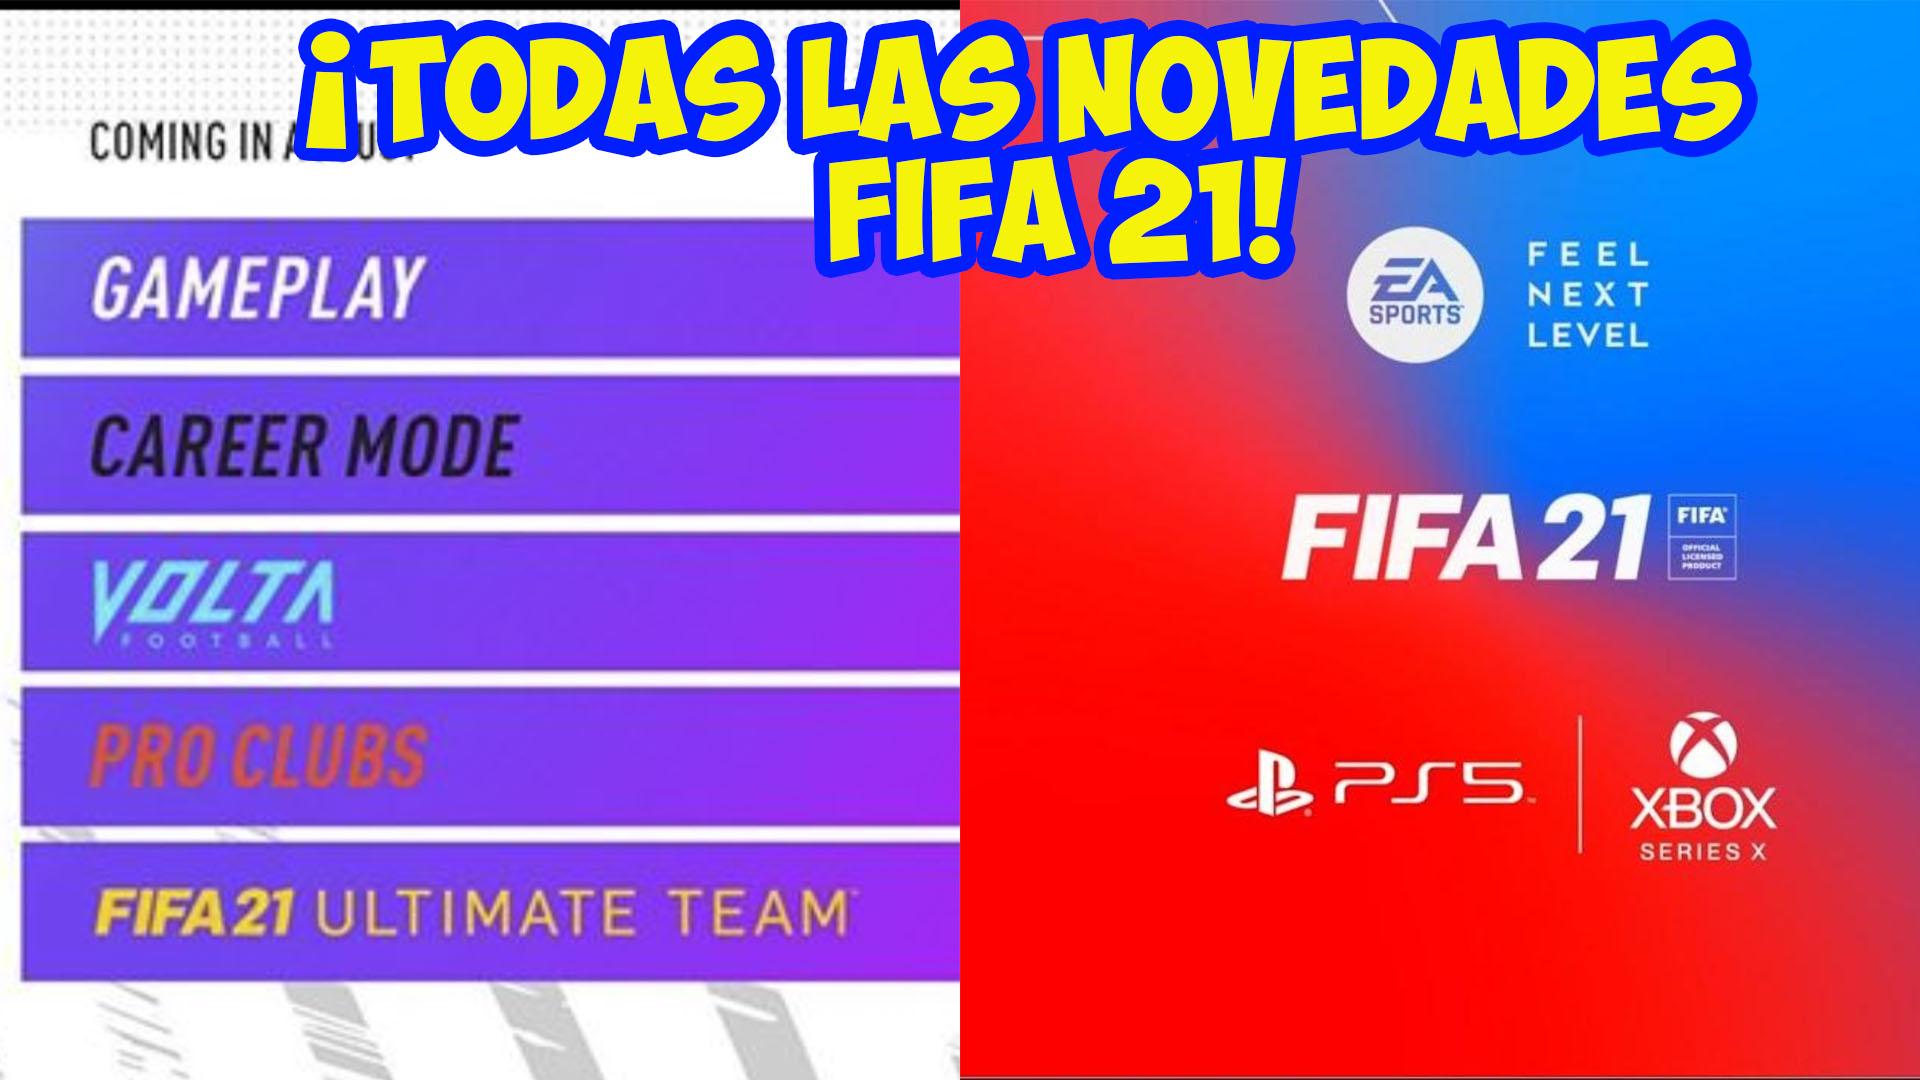 Todas las novedades FIFA 21 Fecha lanzamiento para PS5 y Xbox Serie X